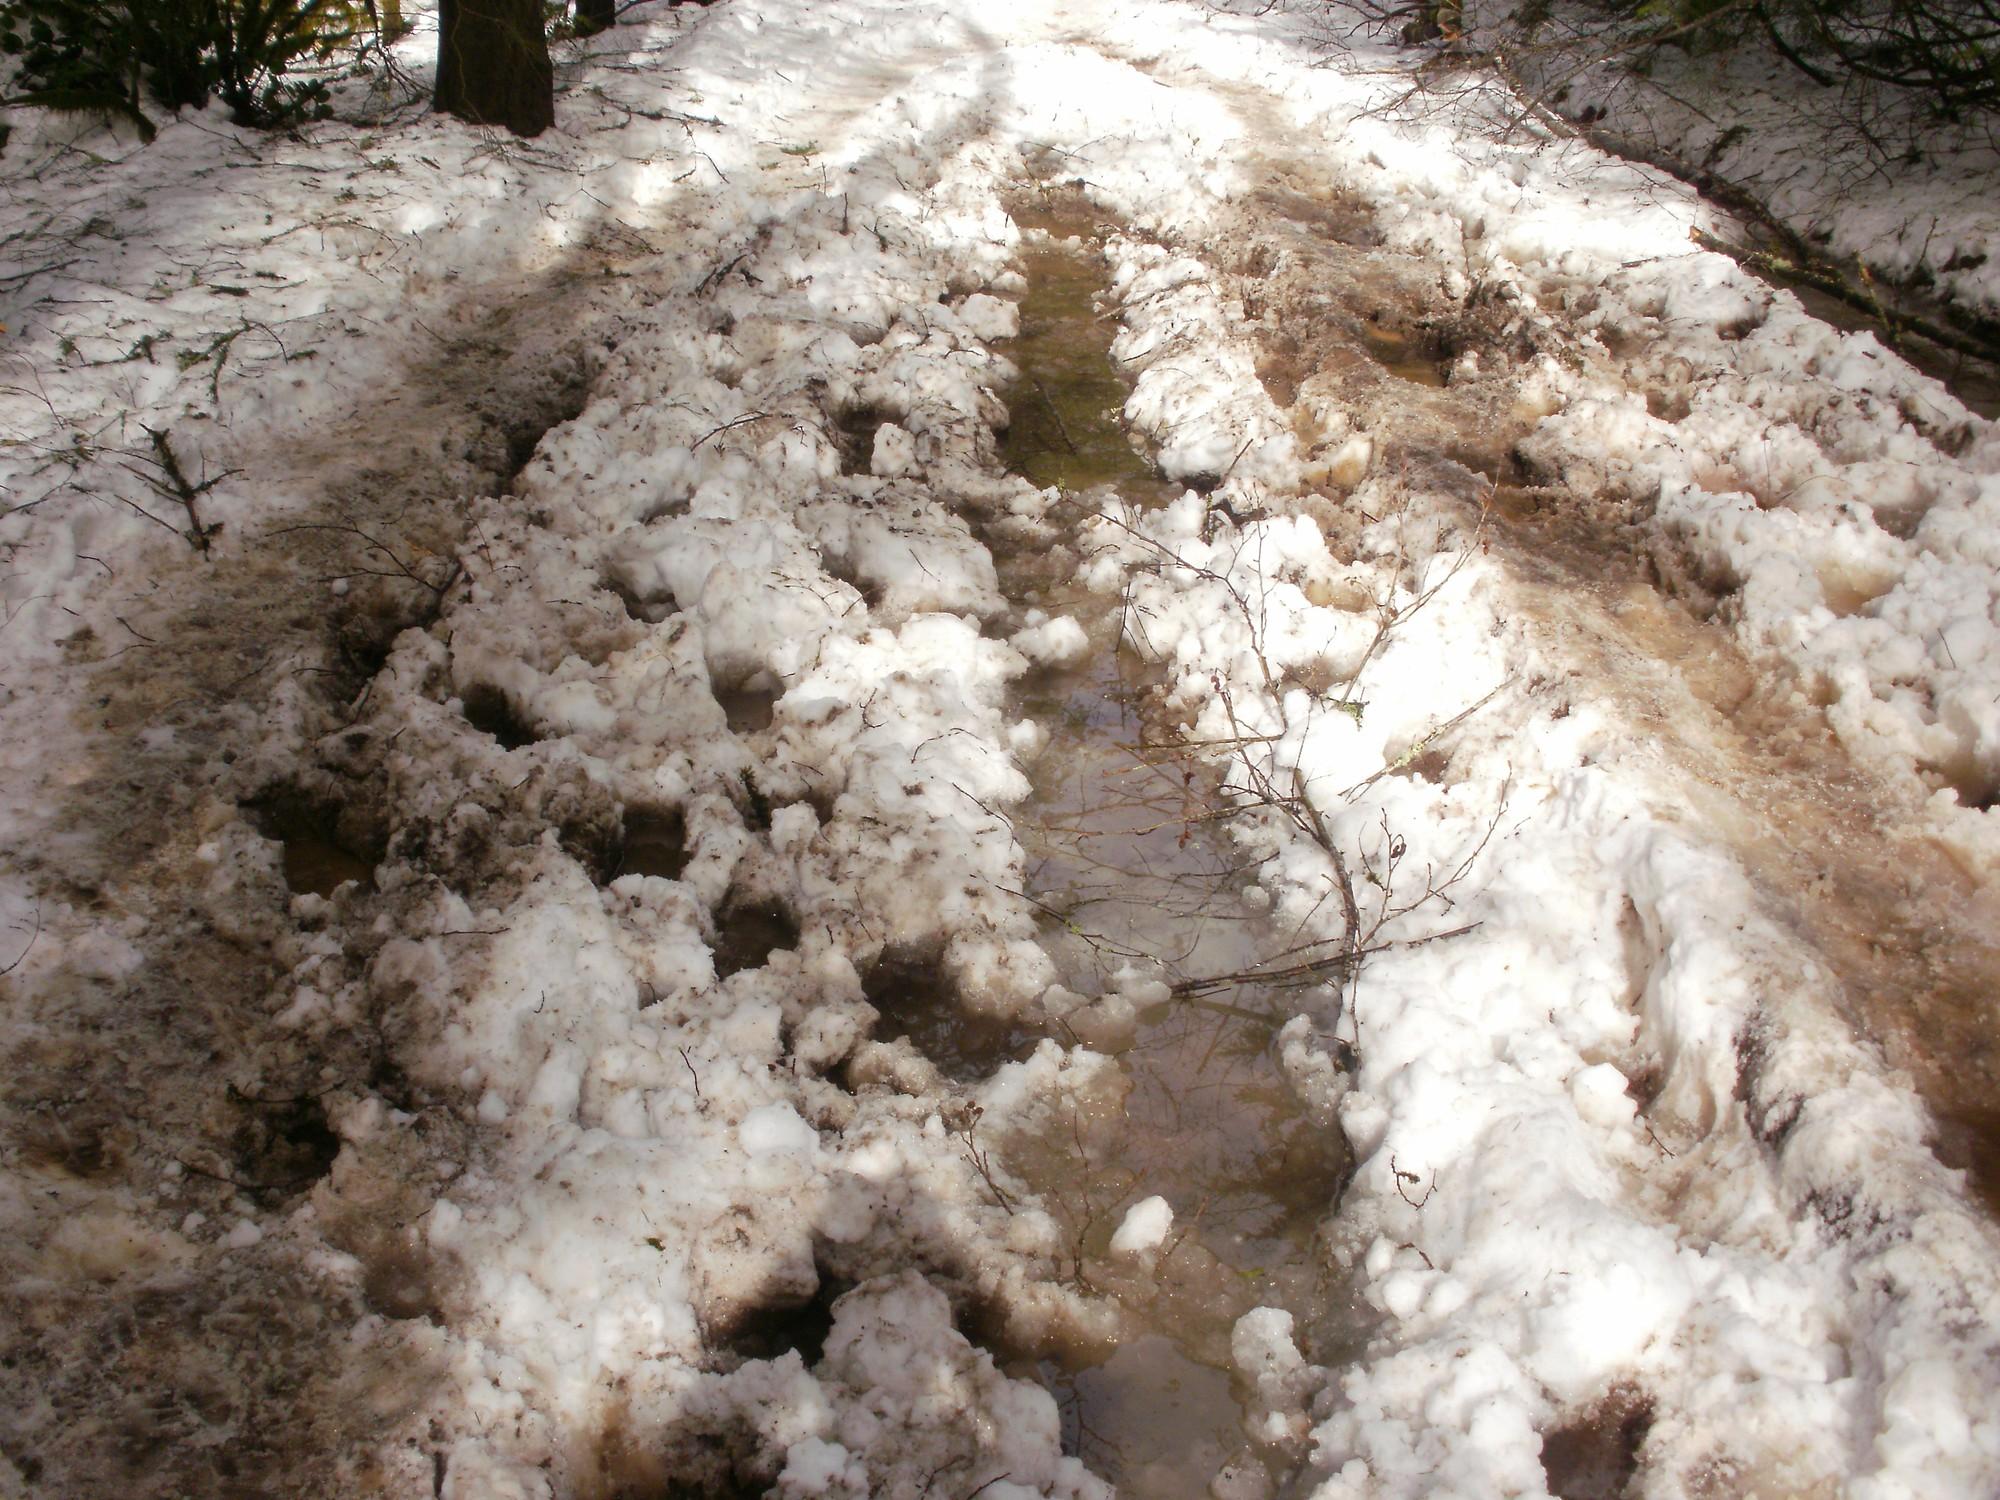 Du học ở xứ lạnh -20 độ C: Cả tháng không thể tắm - Ảnh 5.